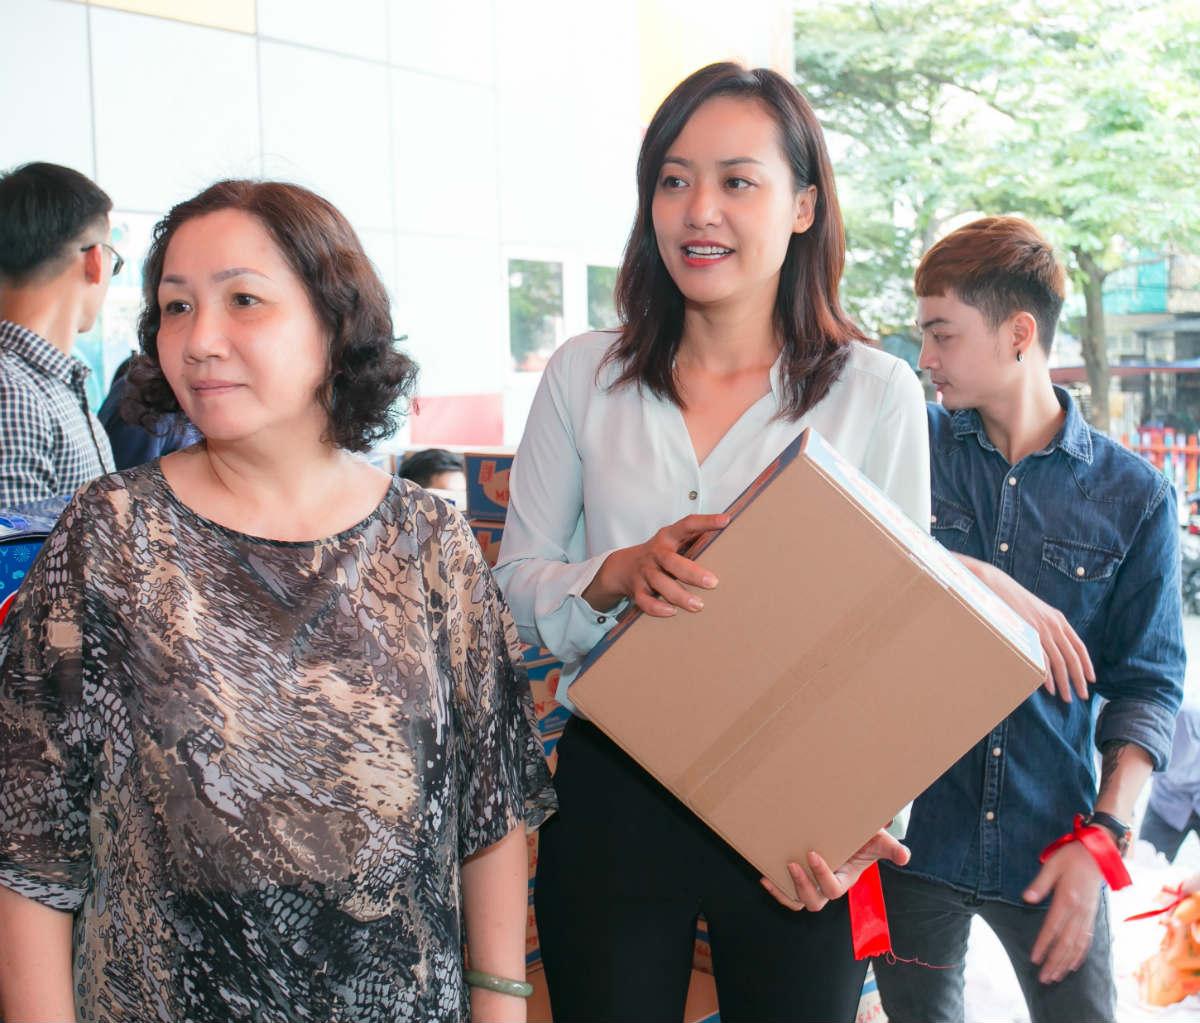 Hoa hậu H'Hen Niê và Hồ Đức Vĩnh làm từ thiện ngày cuối năm - 8